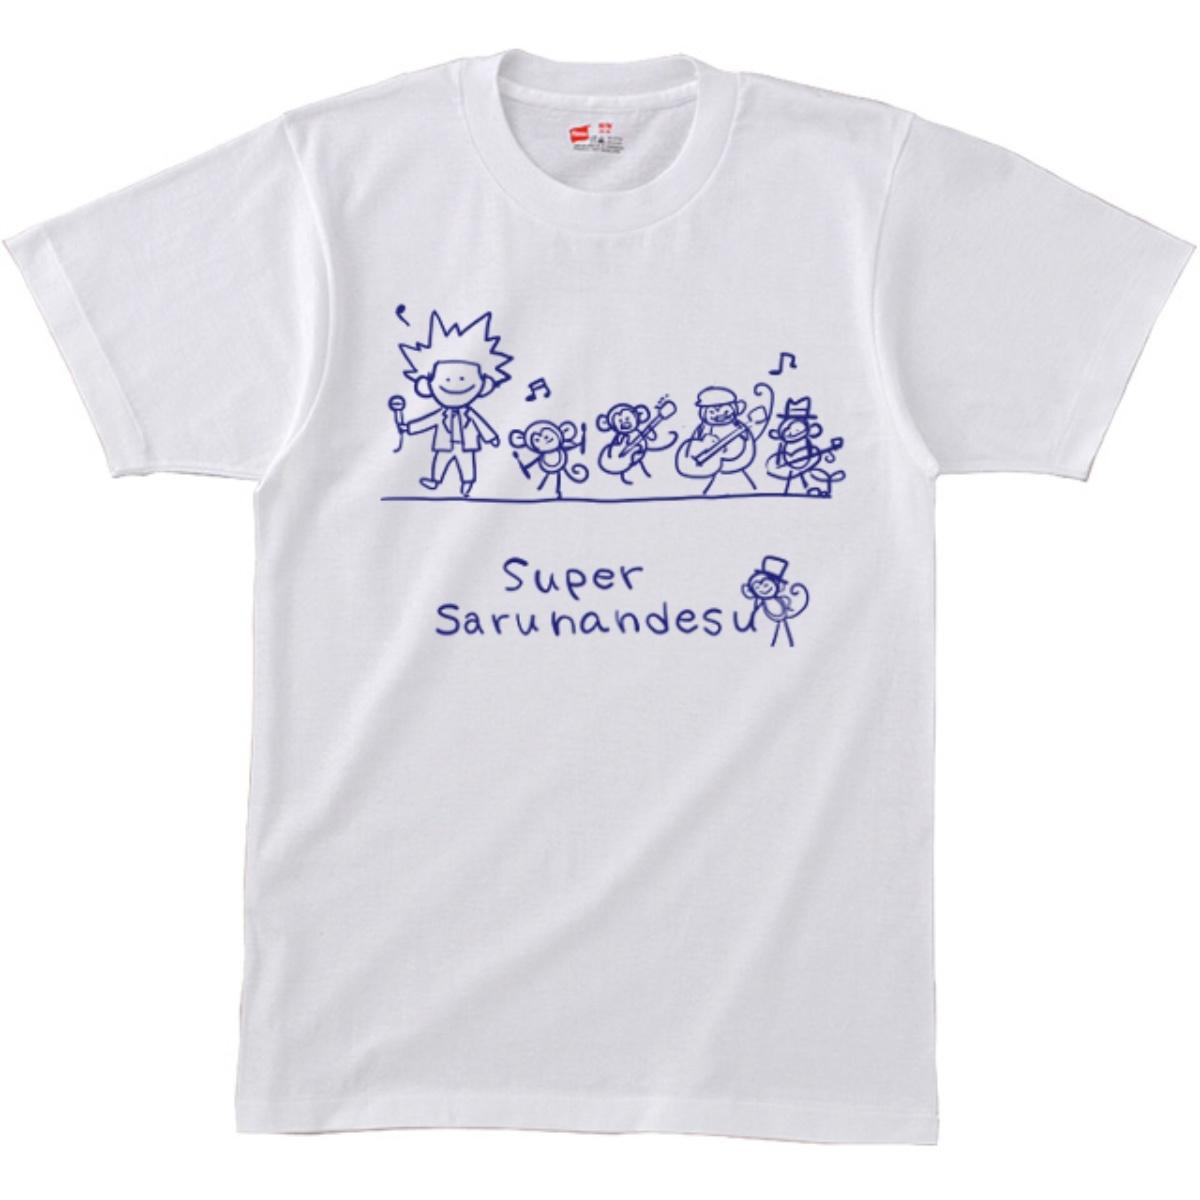 《朝倉チサトデザインスーパーサルナンデスTシャツ》